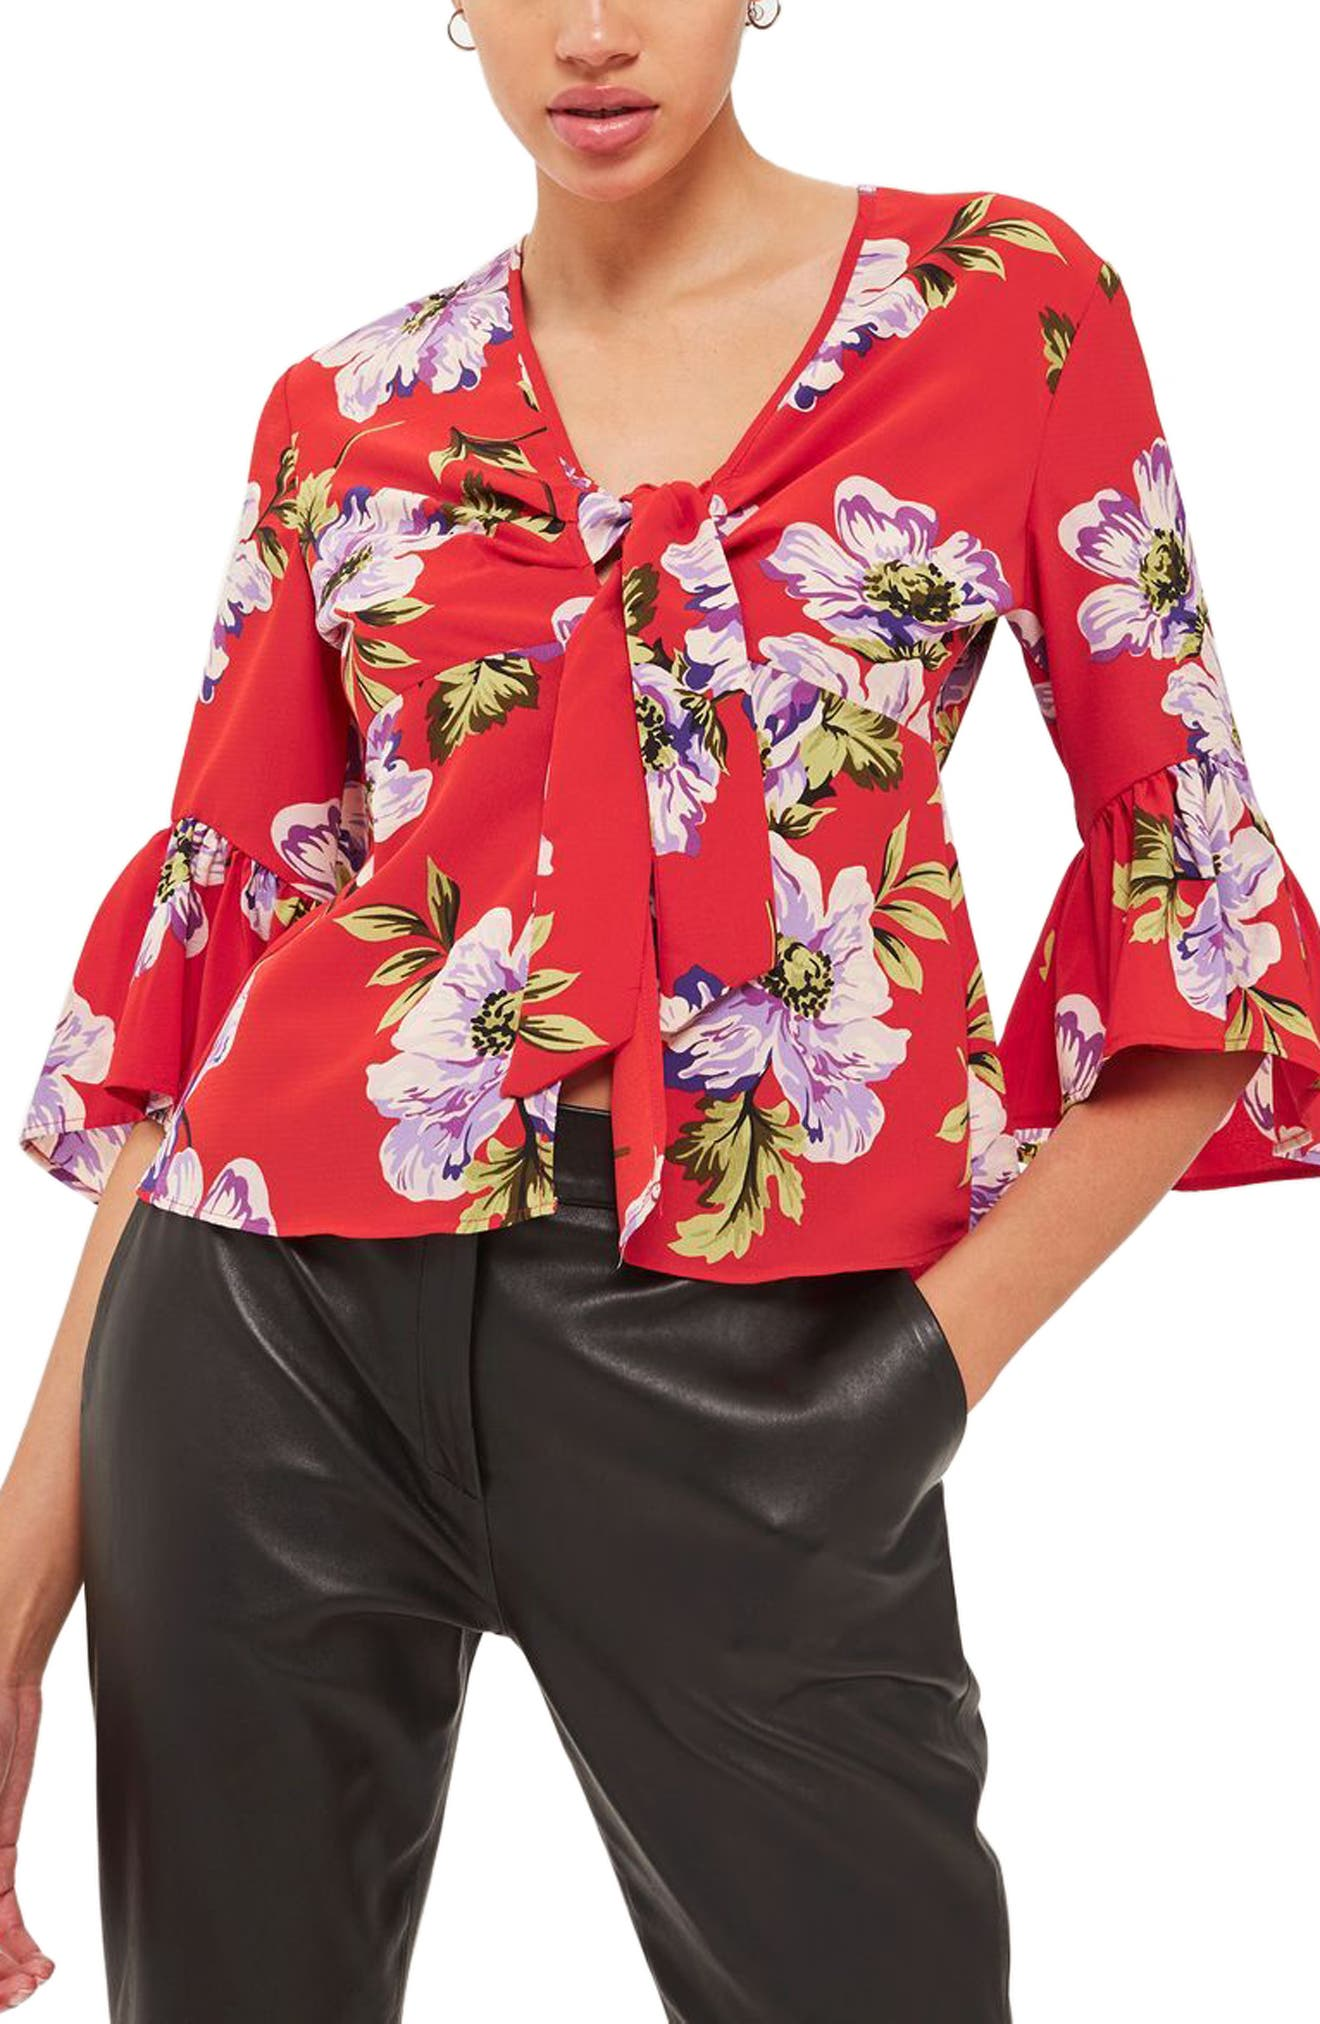 Topshop Felicity Tie Front Blouse